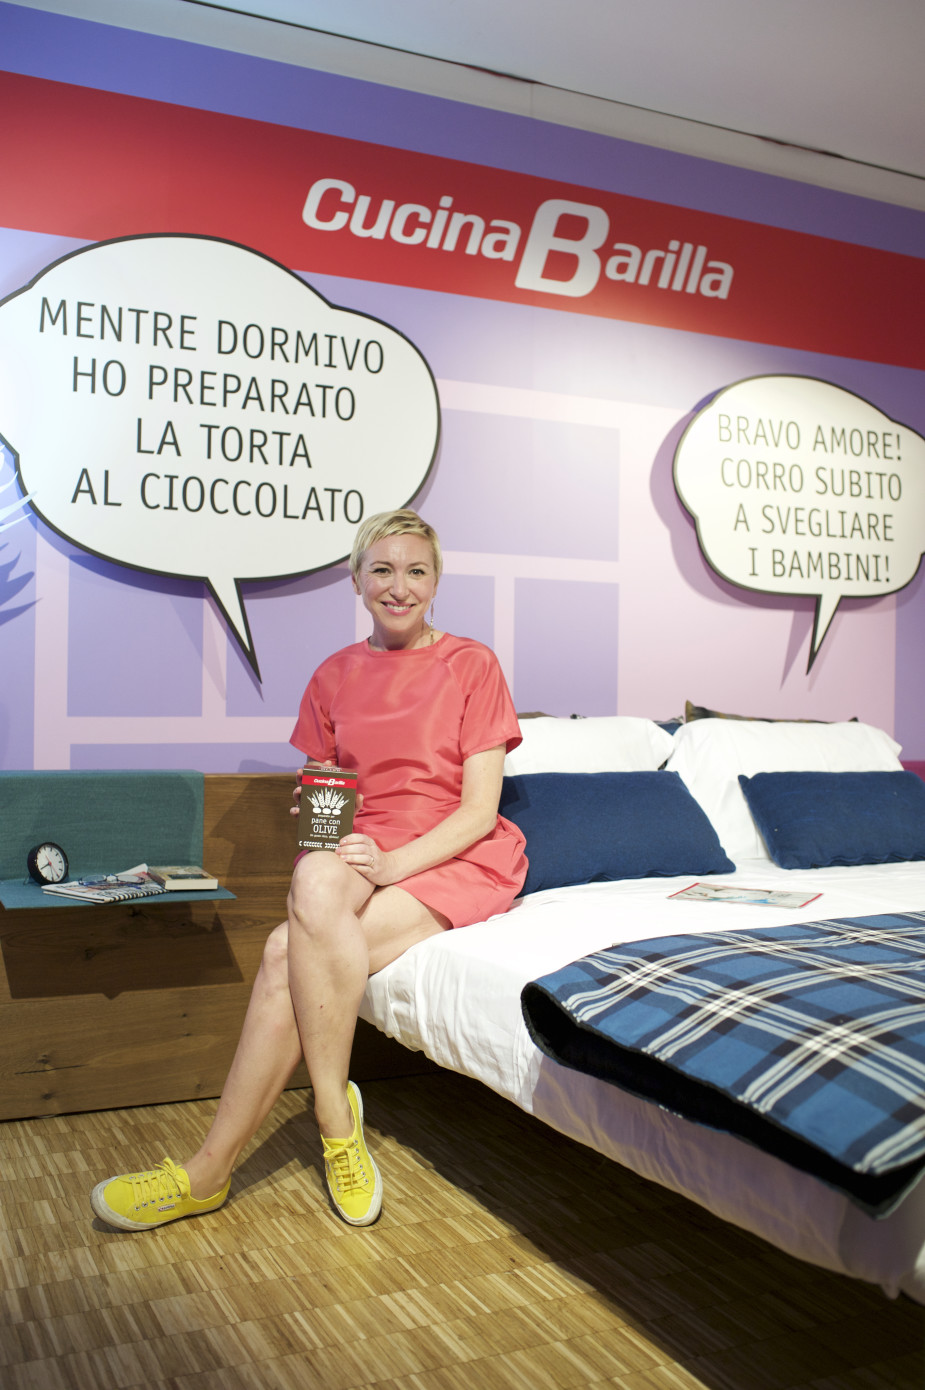 CUCINA-BARILLA 50